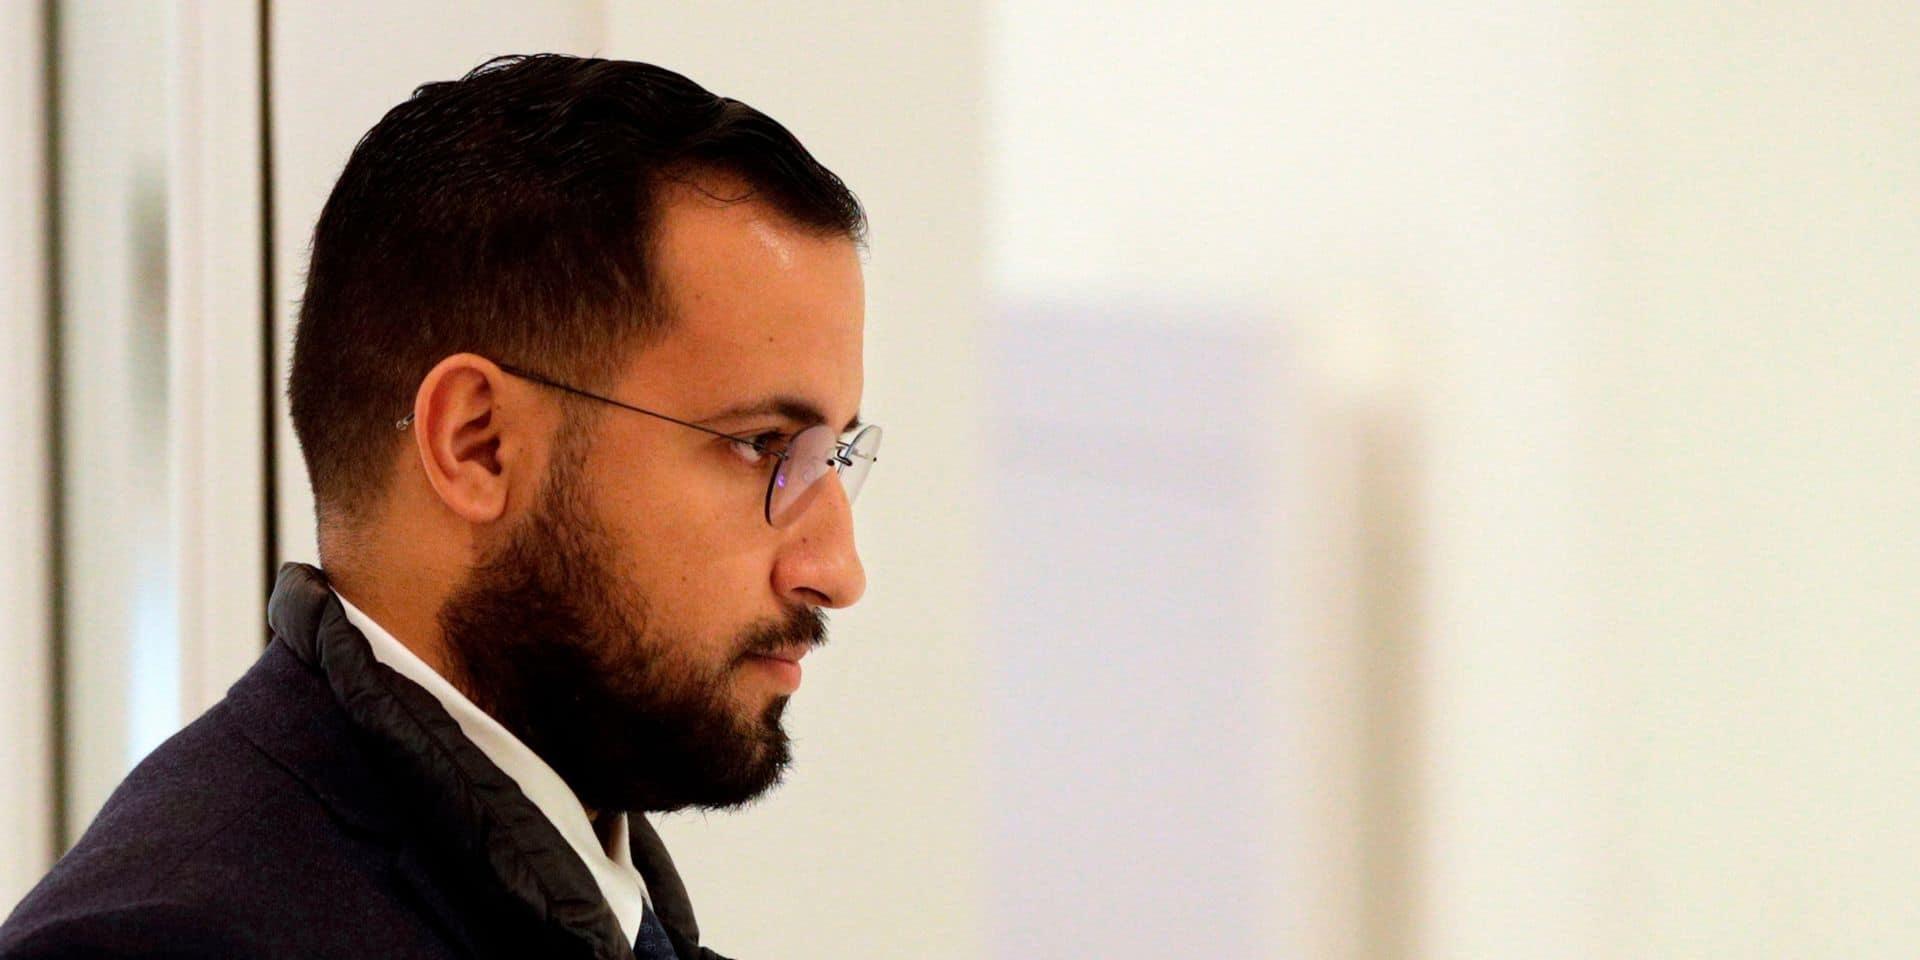 La date du procès d'Alexandre Benalla pour violences et utilisation frauduleuse de passeports est connue